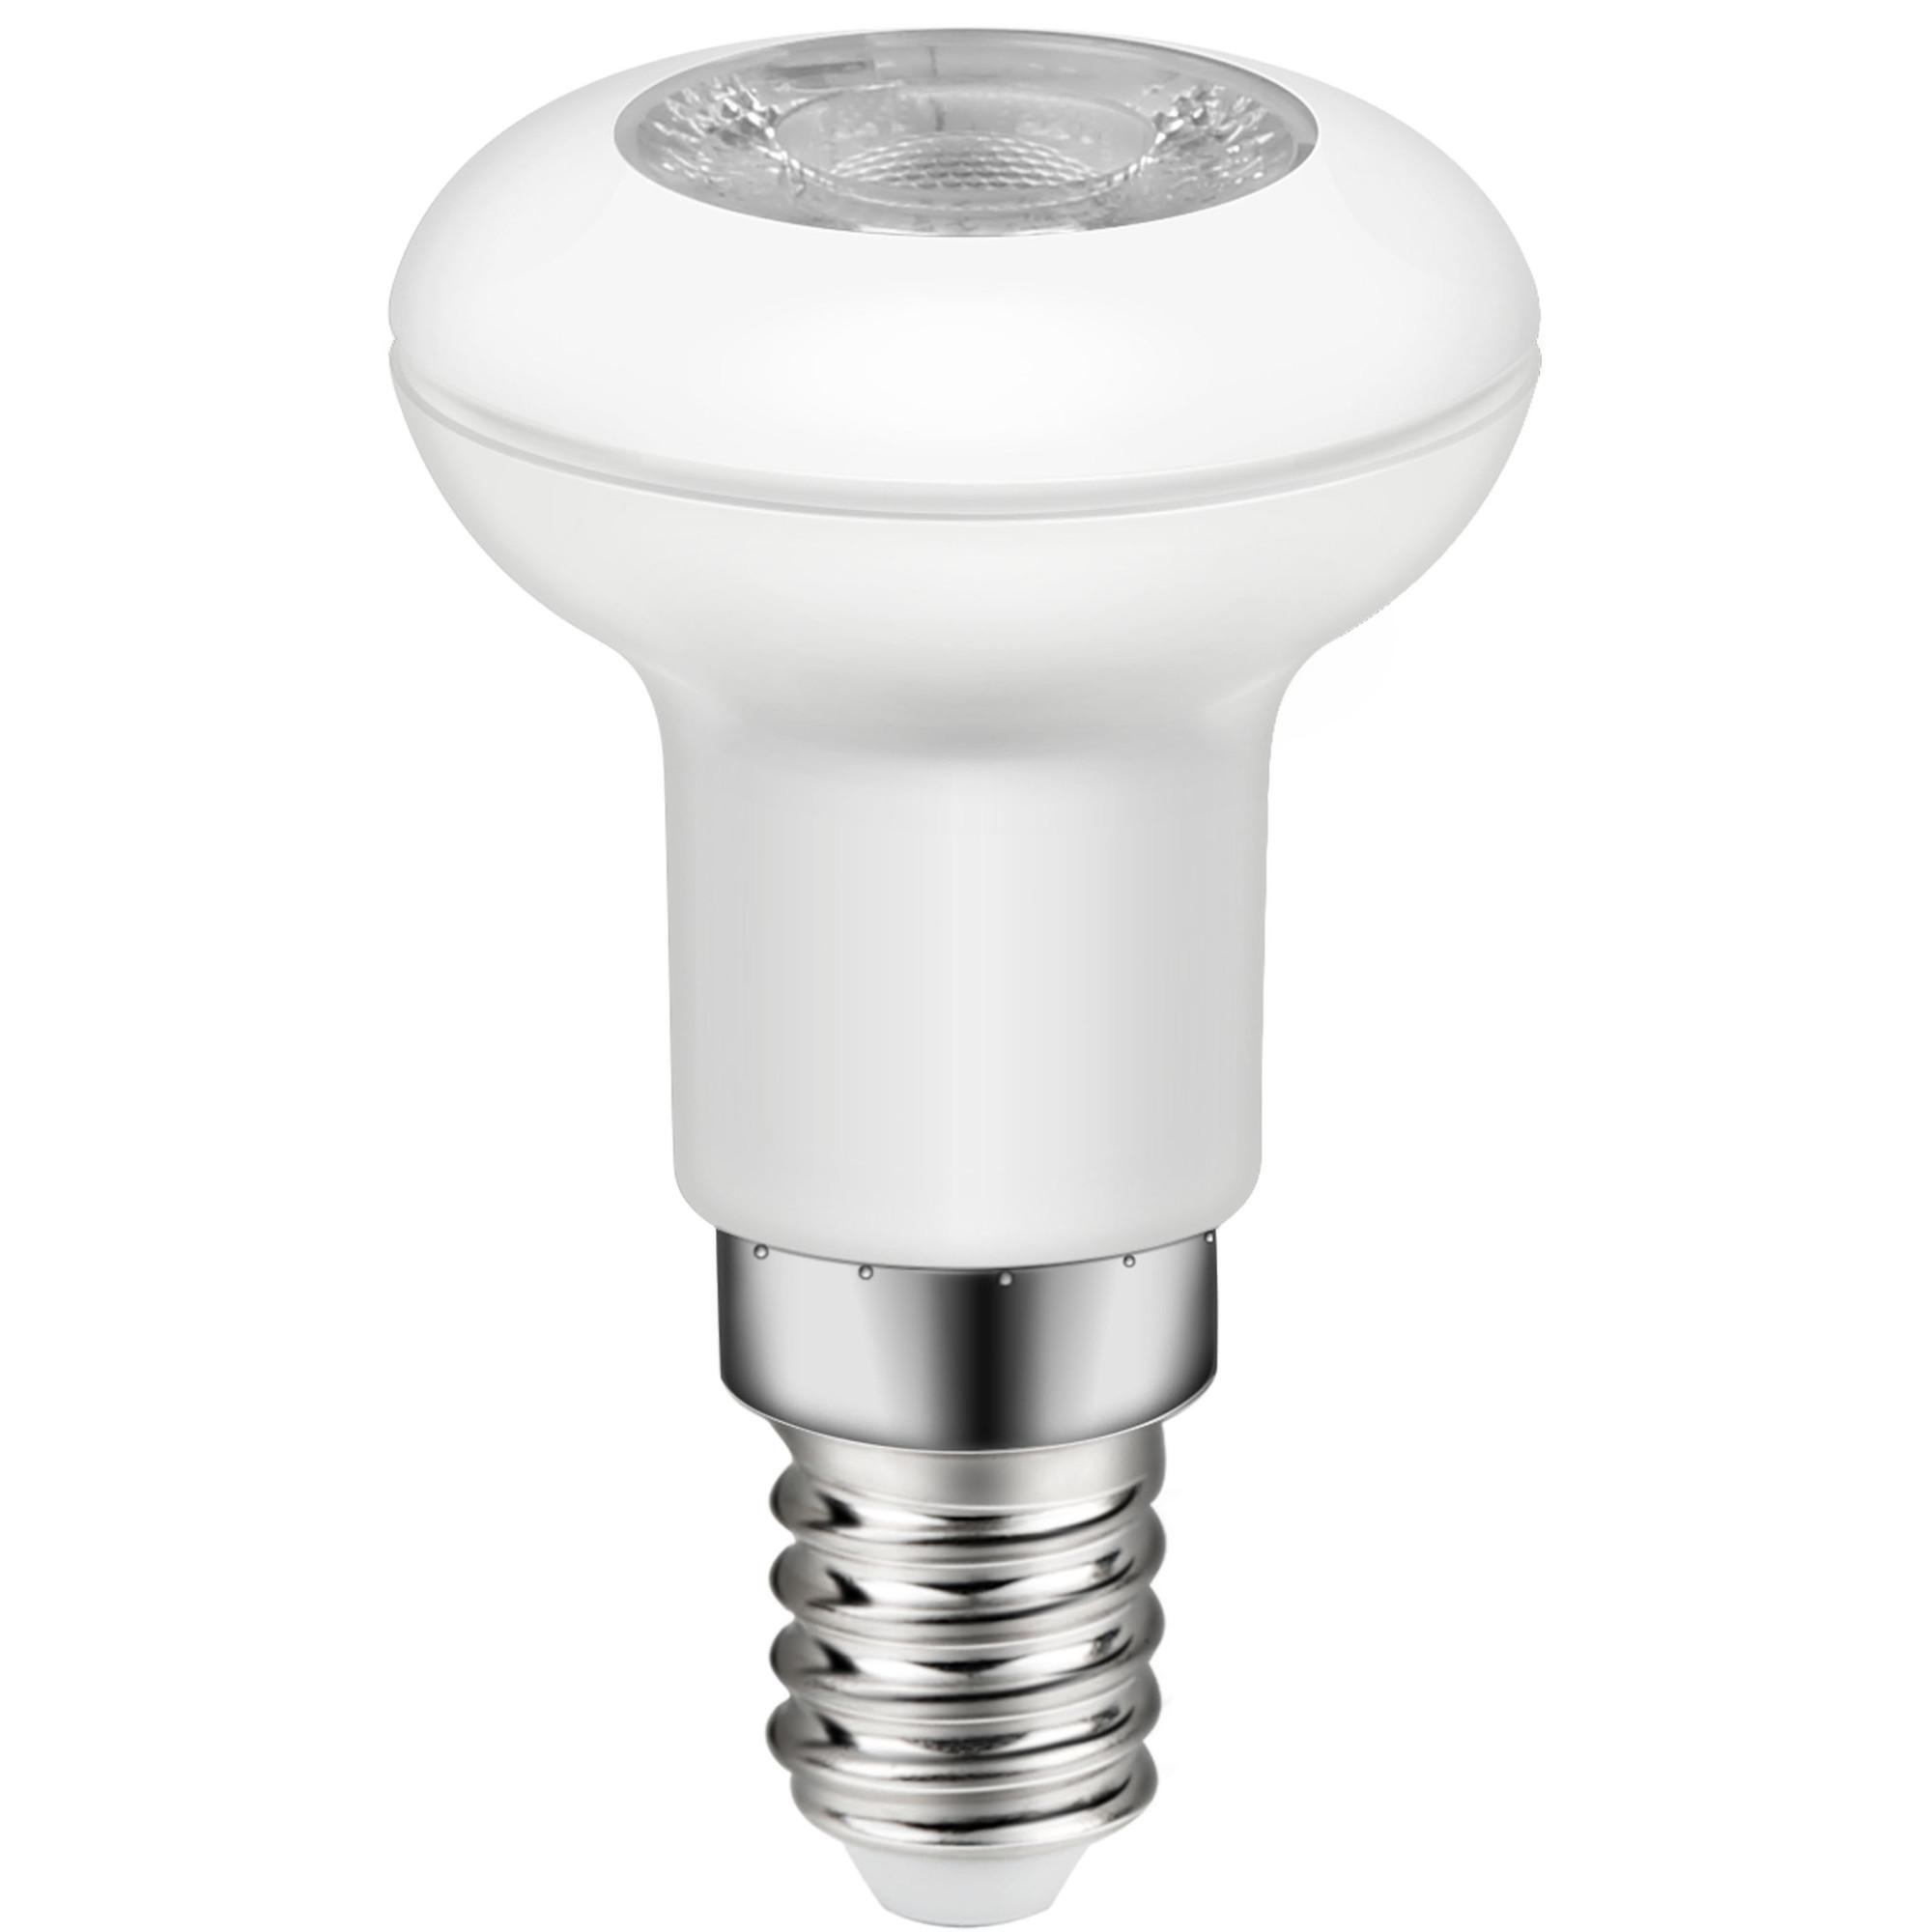 Лампа светодиодная Lexman E14 220 В 2.5 Вт рефлектор прозрачный 196 лм белый свет